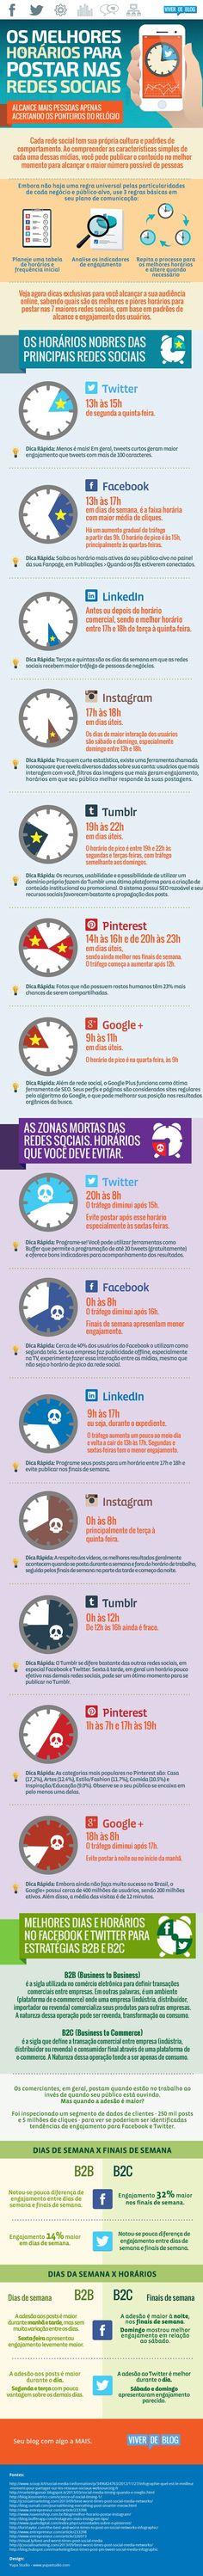 VdB HoraSocialMedia 02 600 Infográfico: Os melhores horários para publicar nas redes sociais